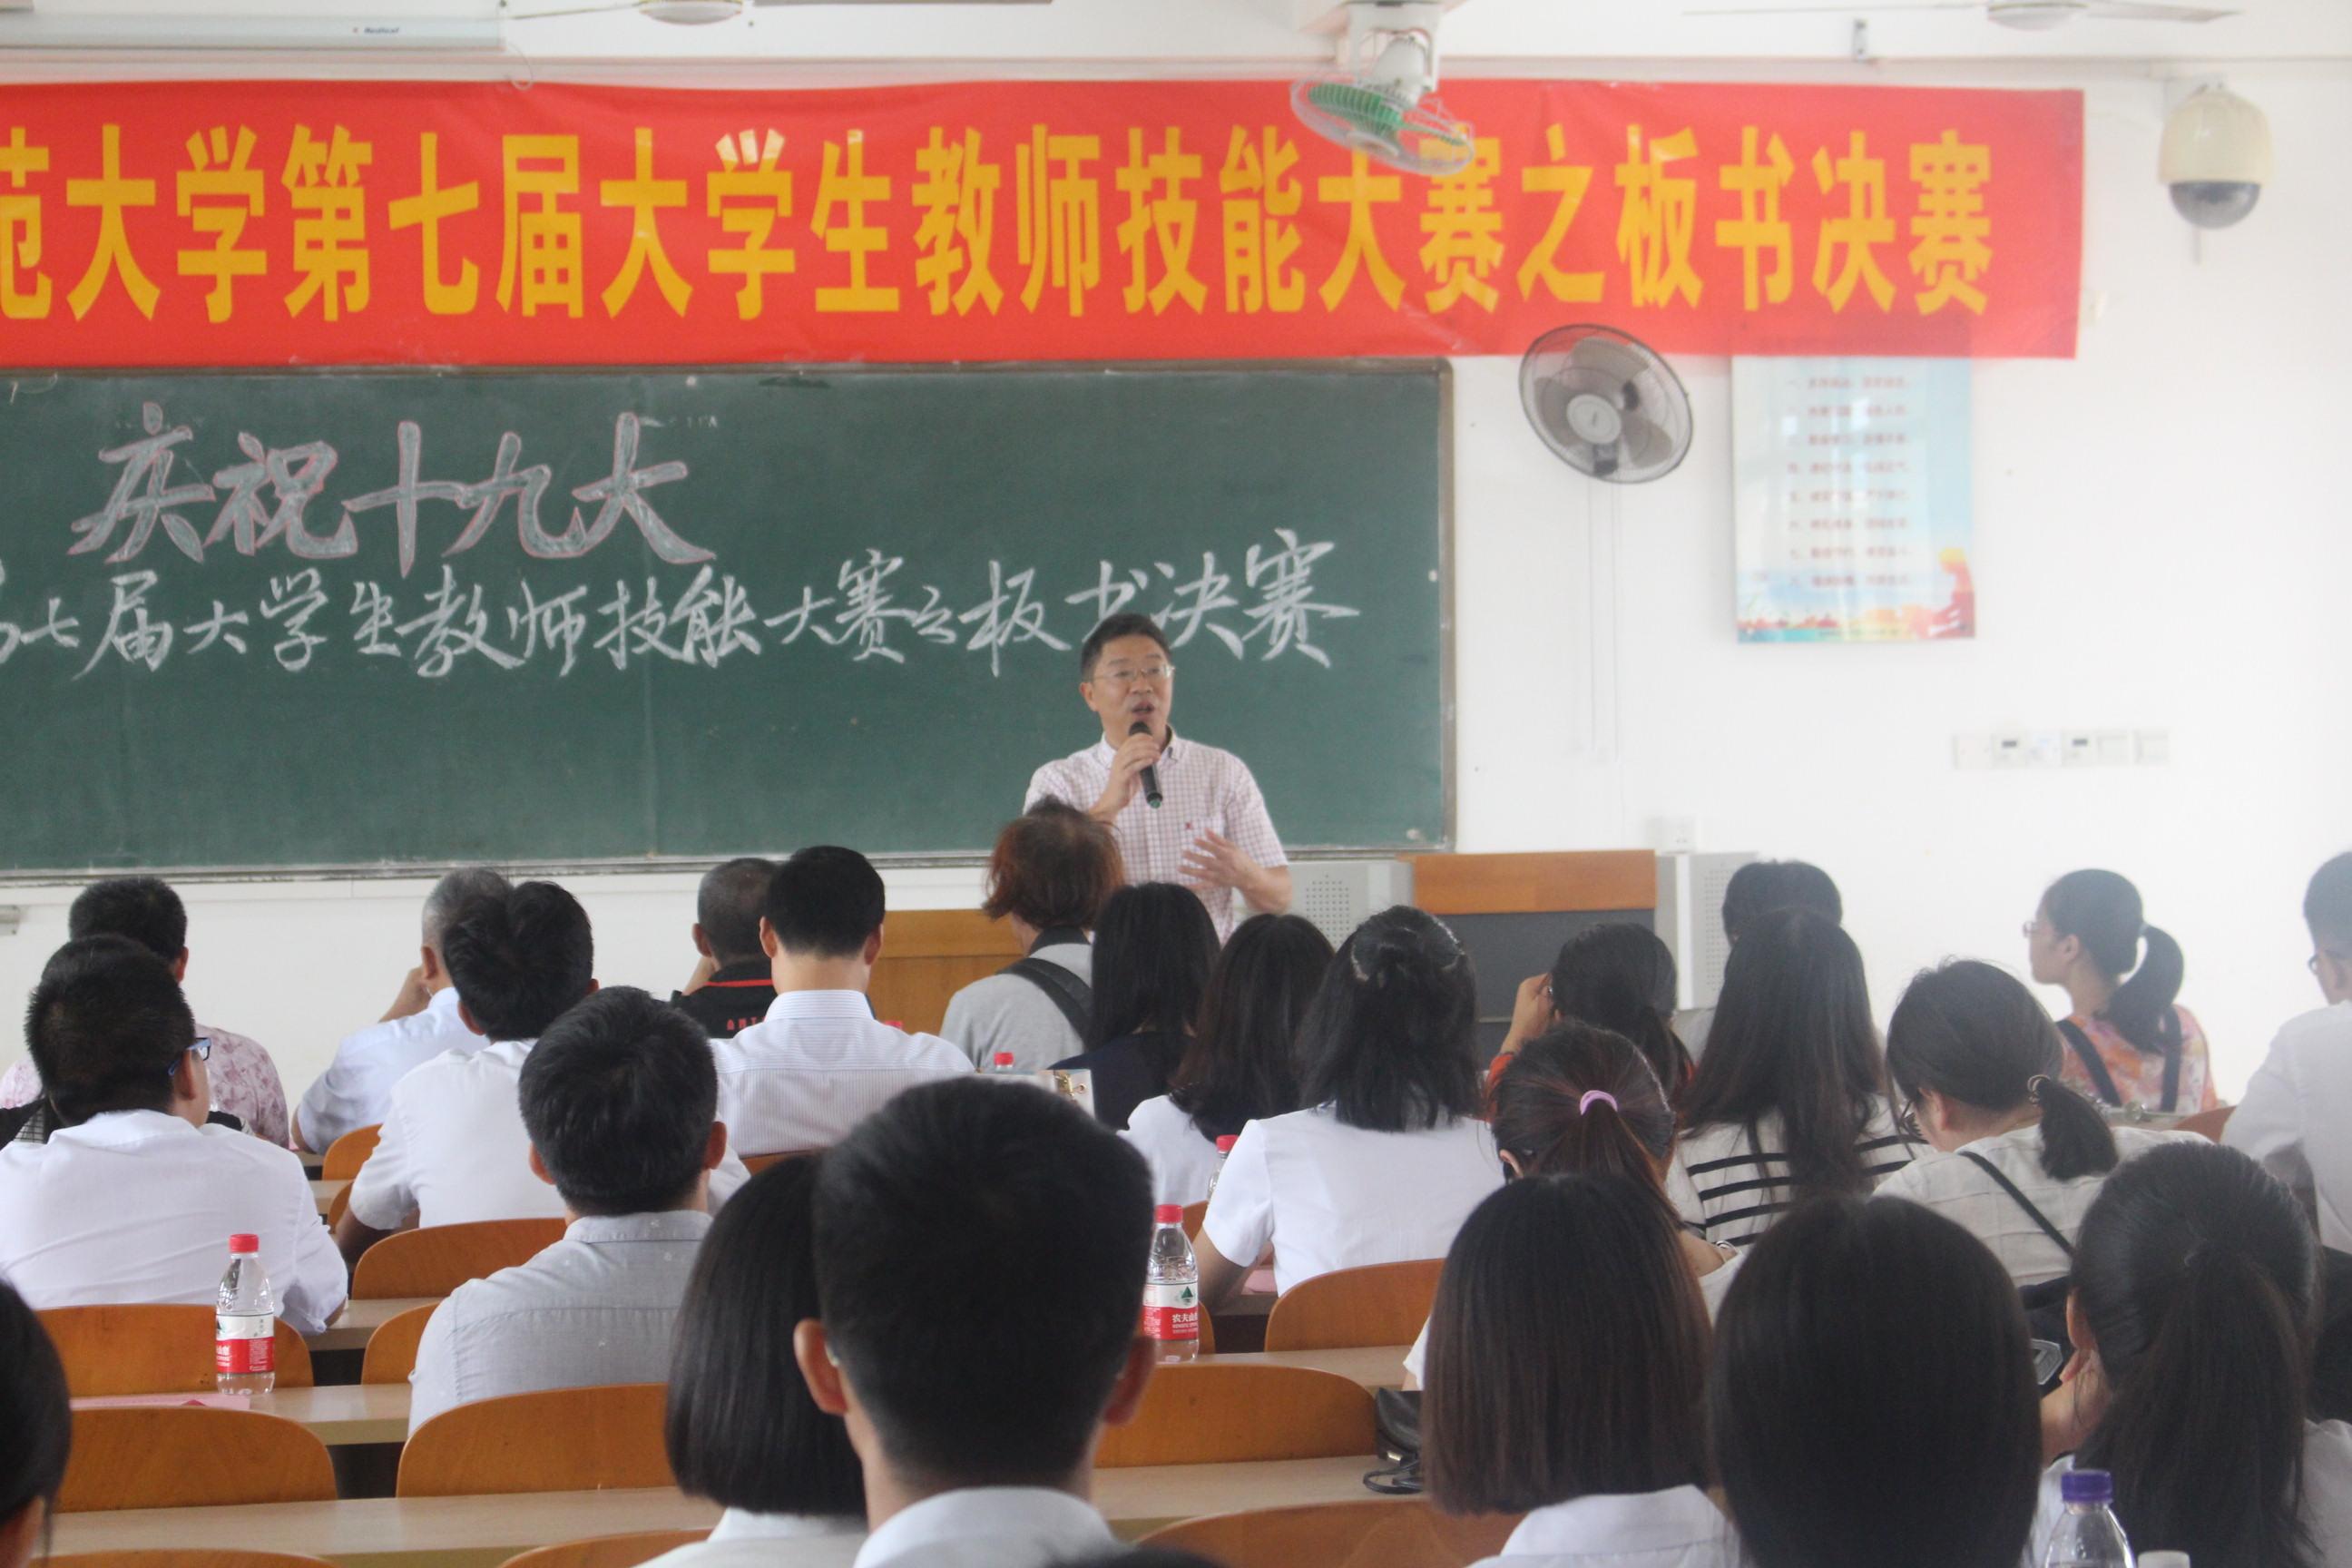 青年之声-赛教师技能,展职业风——记海南师范大学第七届教师技能大赛之板书决赛